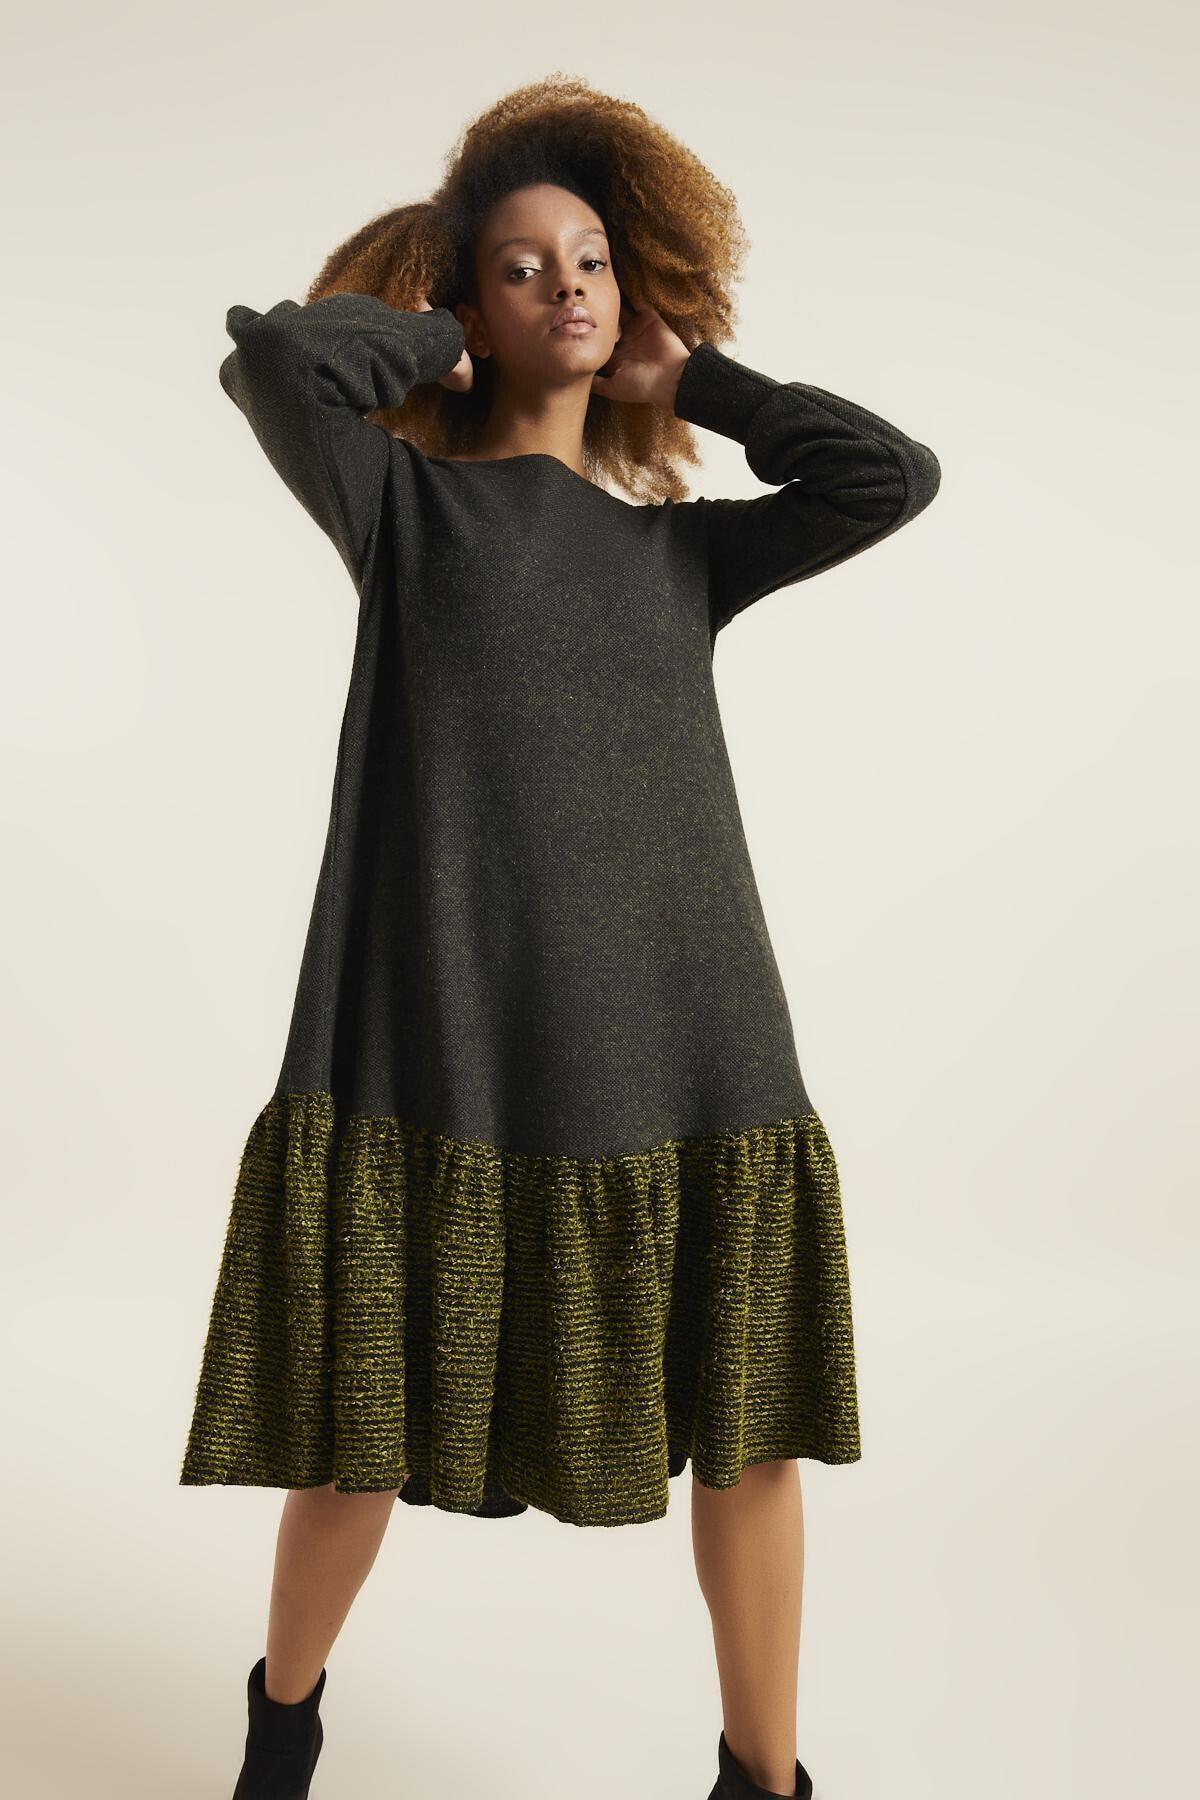 Quincey Kadın Haki Örme Elbise 1